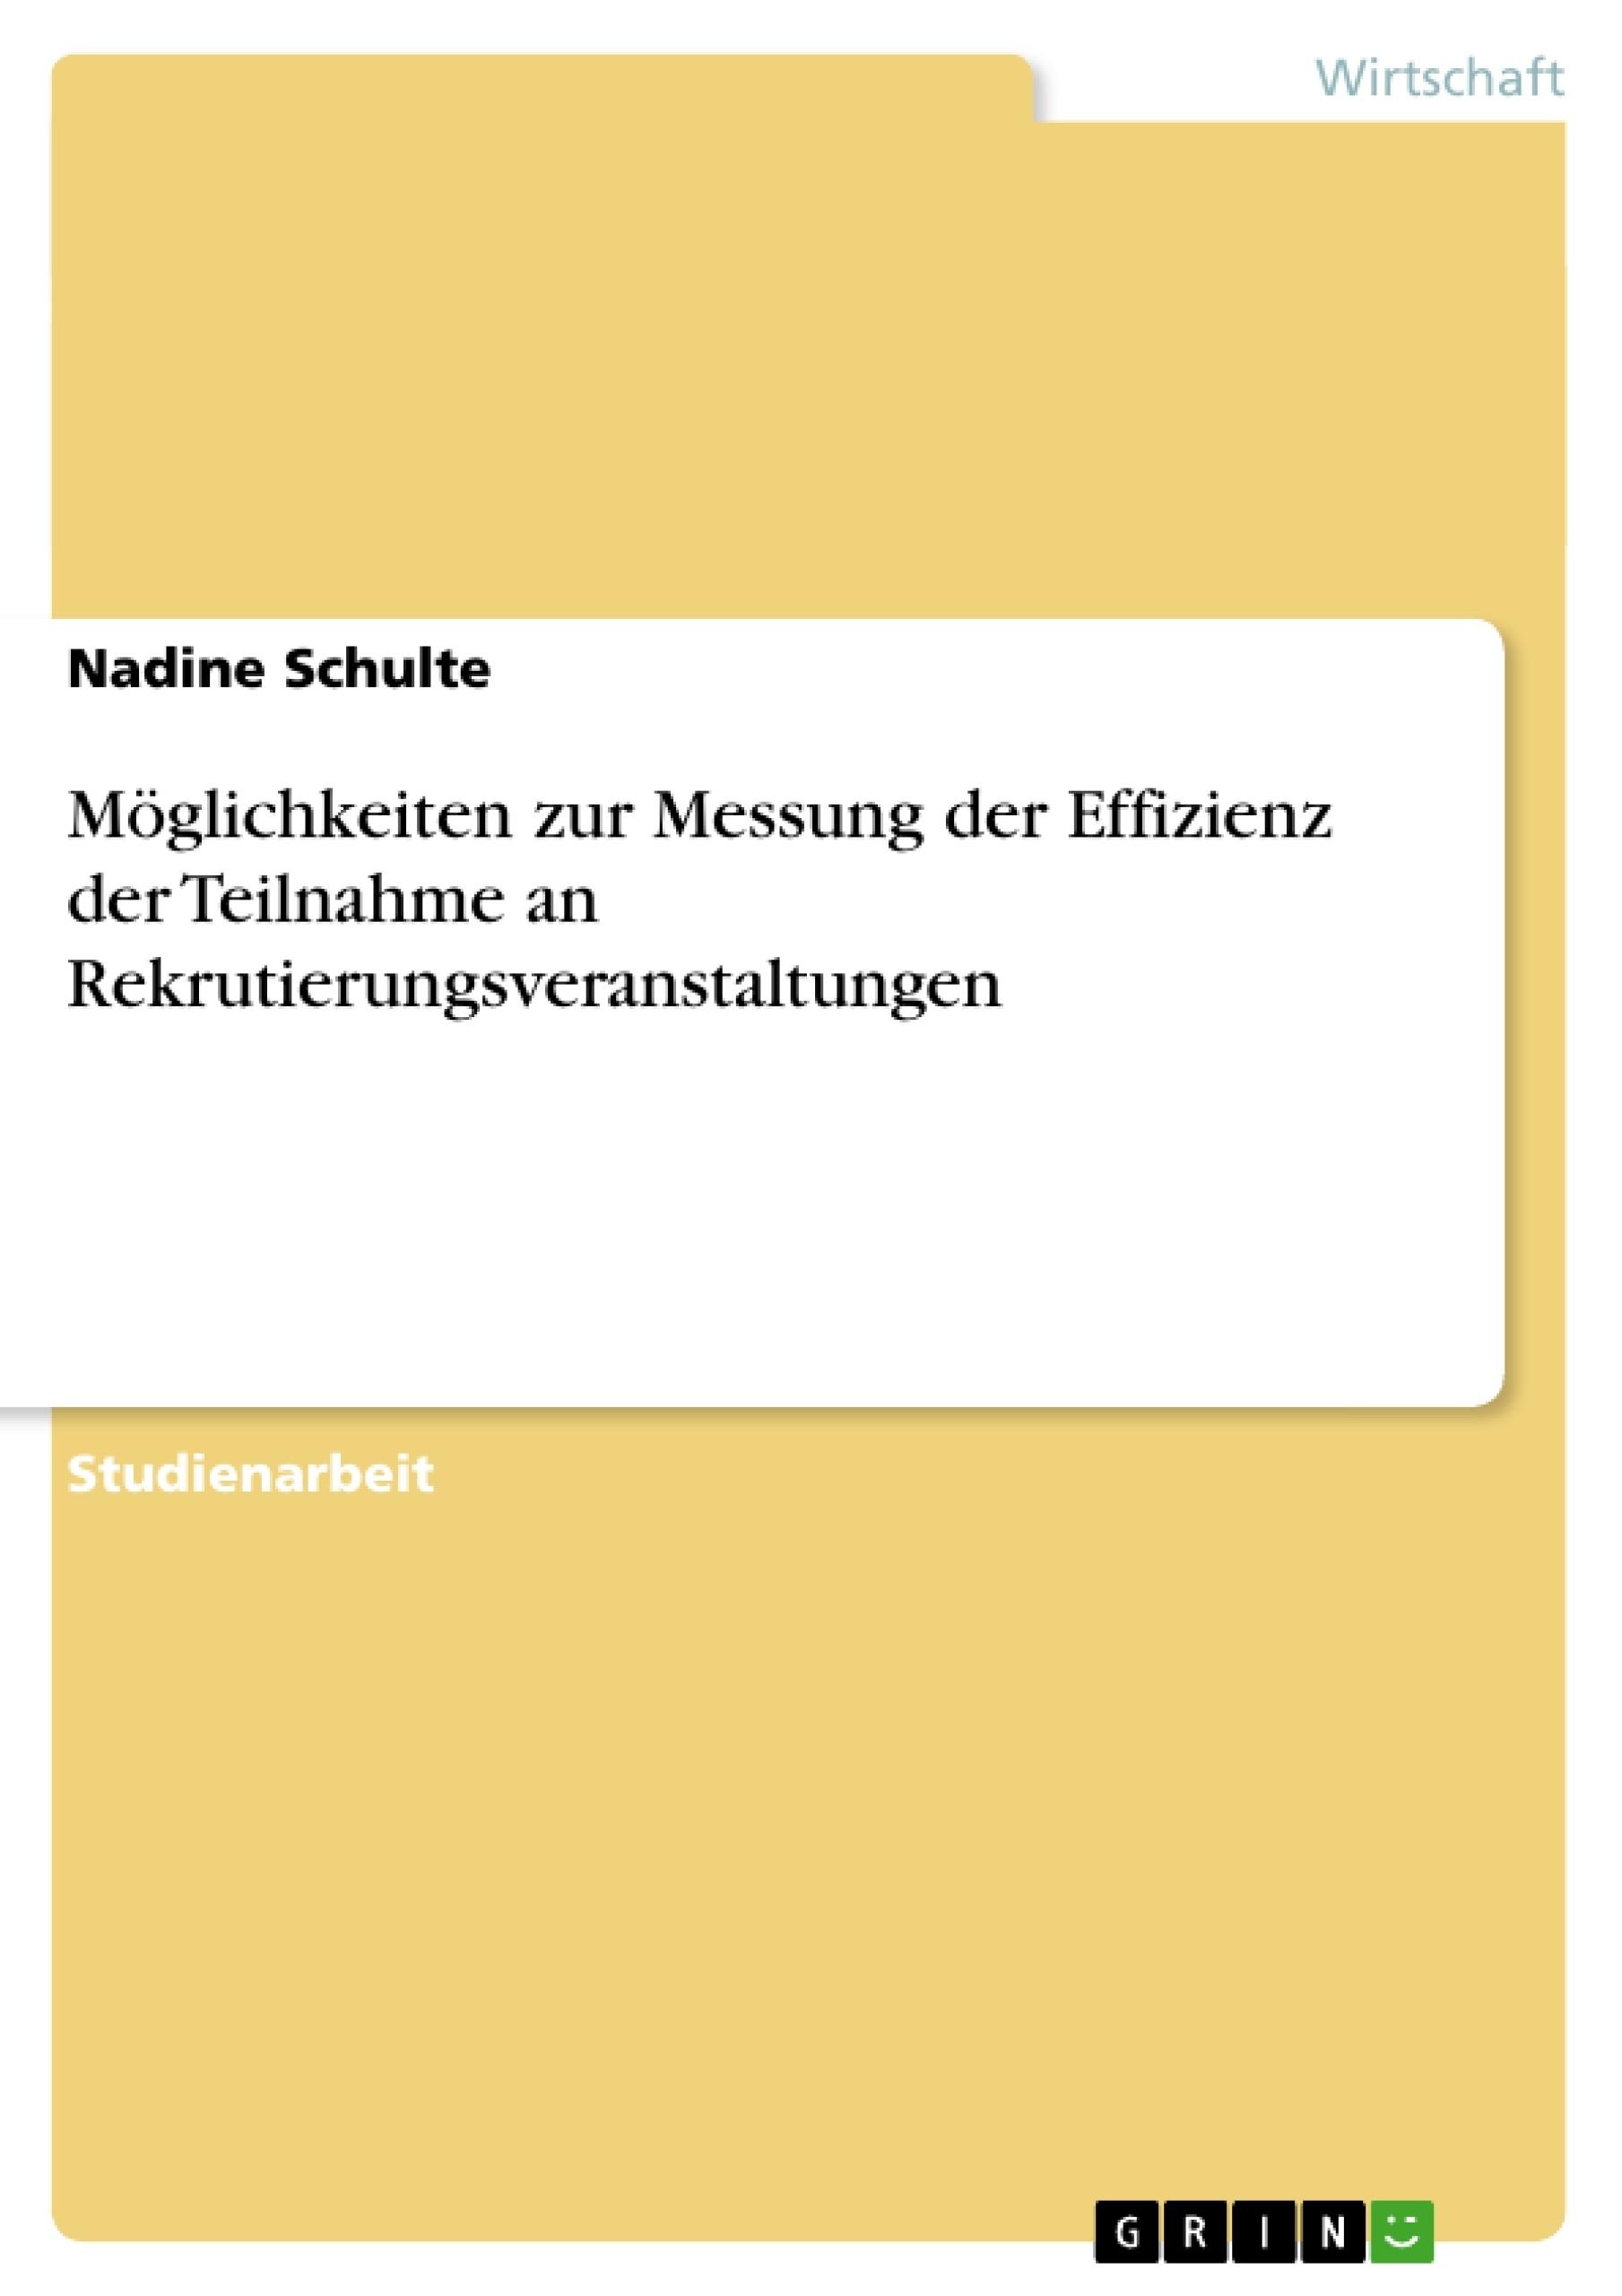 Titel: Möglichkeiten zur Messung der Effizienz der Teilnahme an Rekrutierungsveranstaltungen